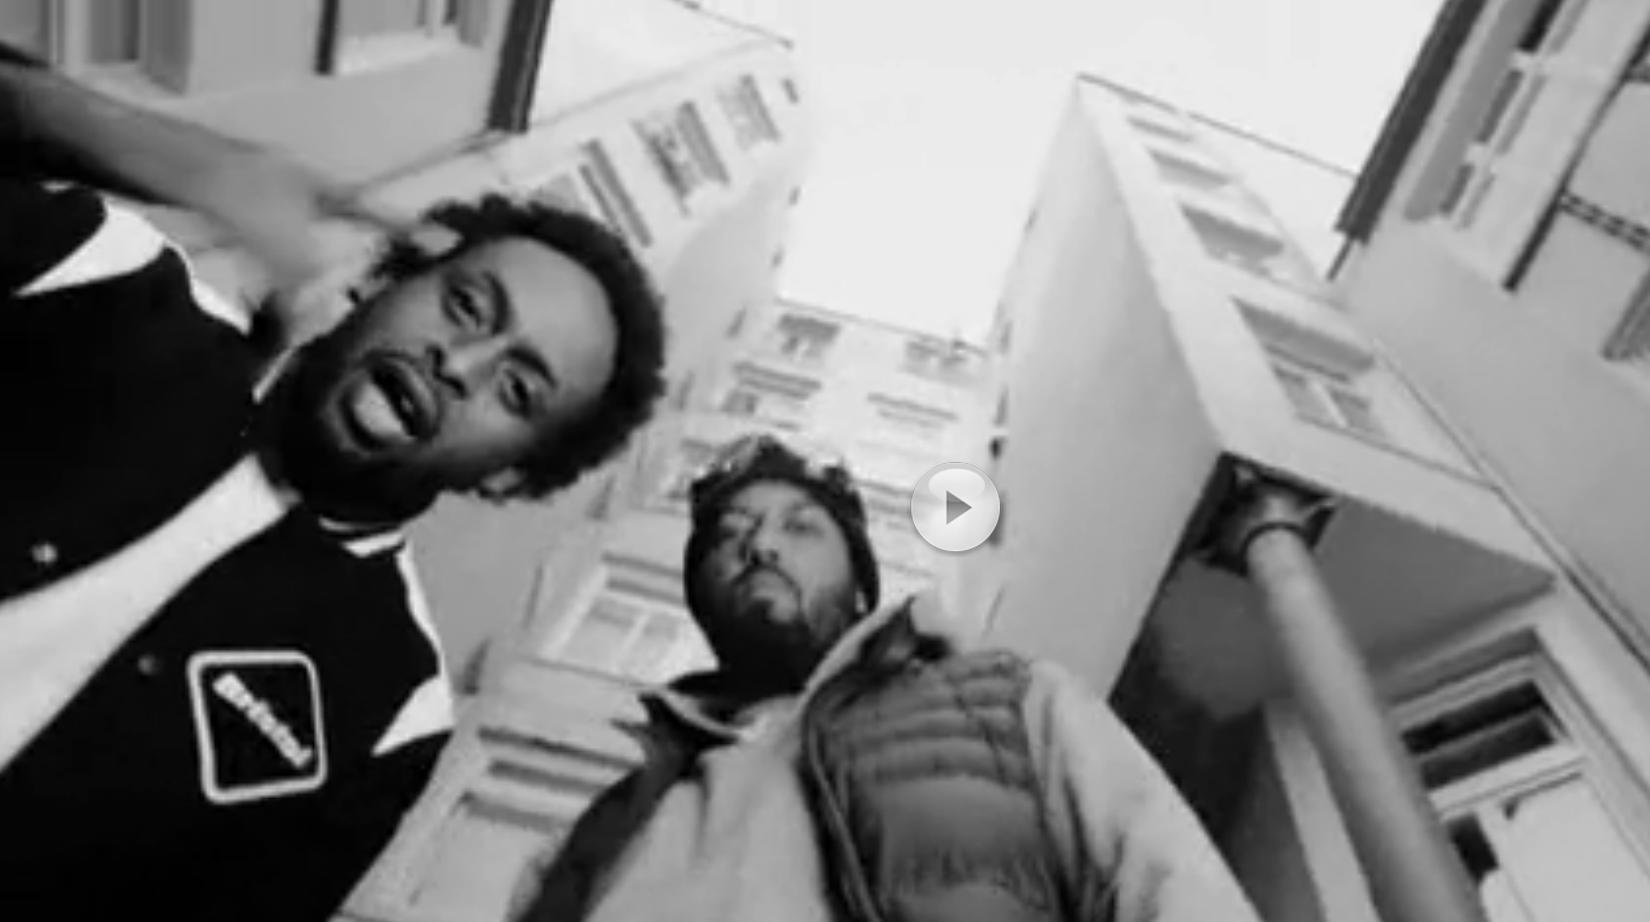 check out a6df1 5b639 ASD (Afrob & Samy Deluxe) - Legendär/ Populär (Video) - rap.de